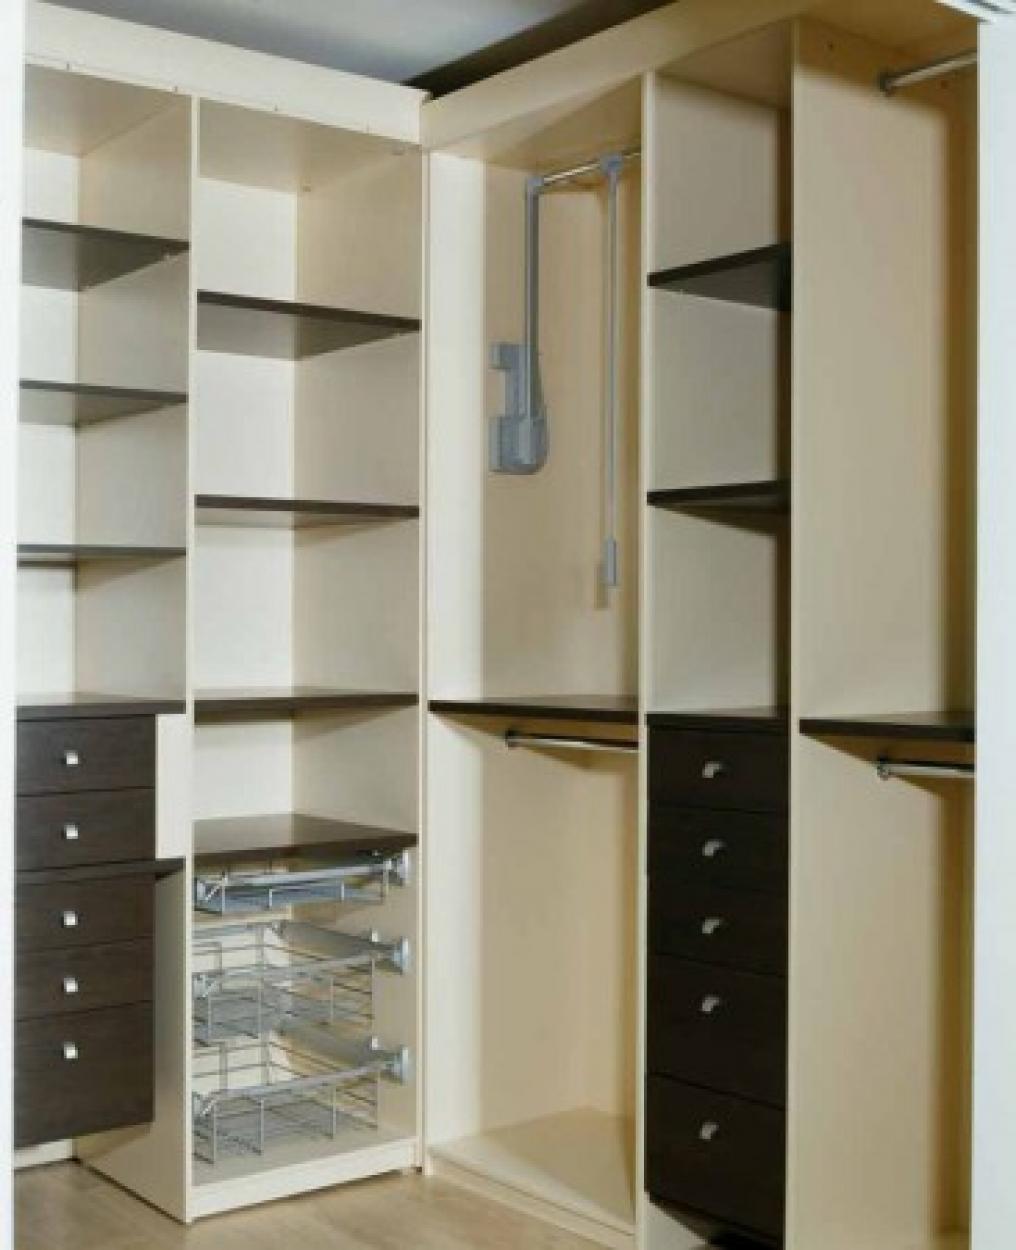 классические гардеробные, выполненные из плит ДСП разных цветов и текстуры